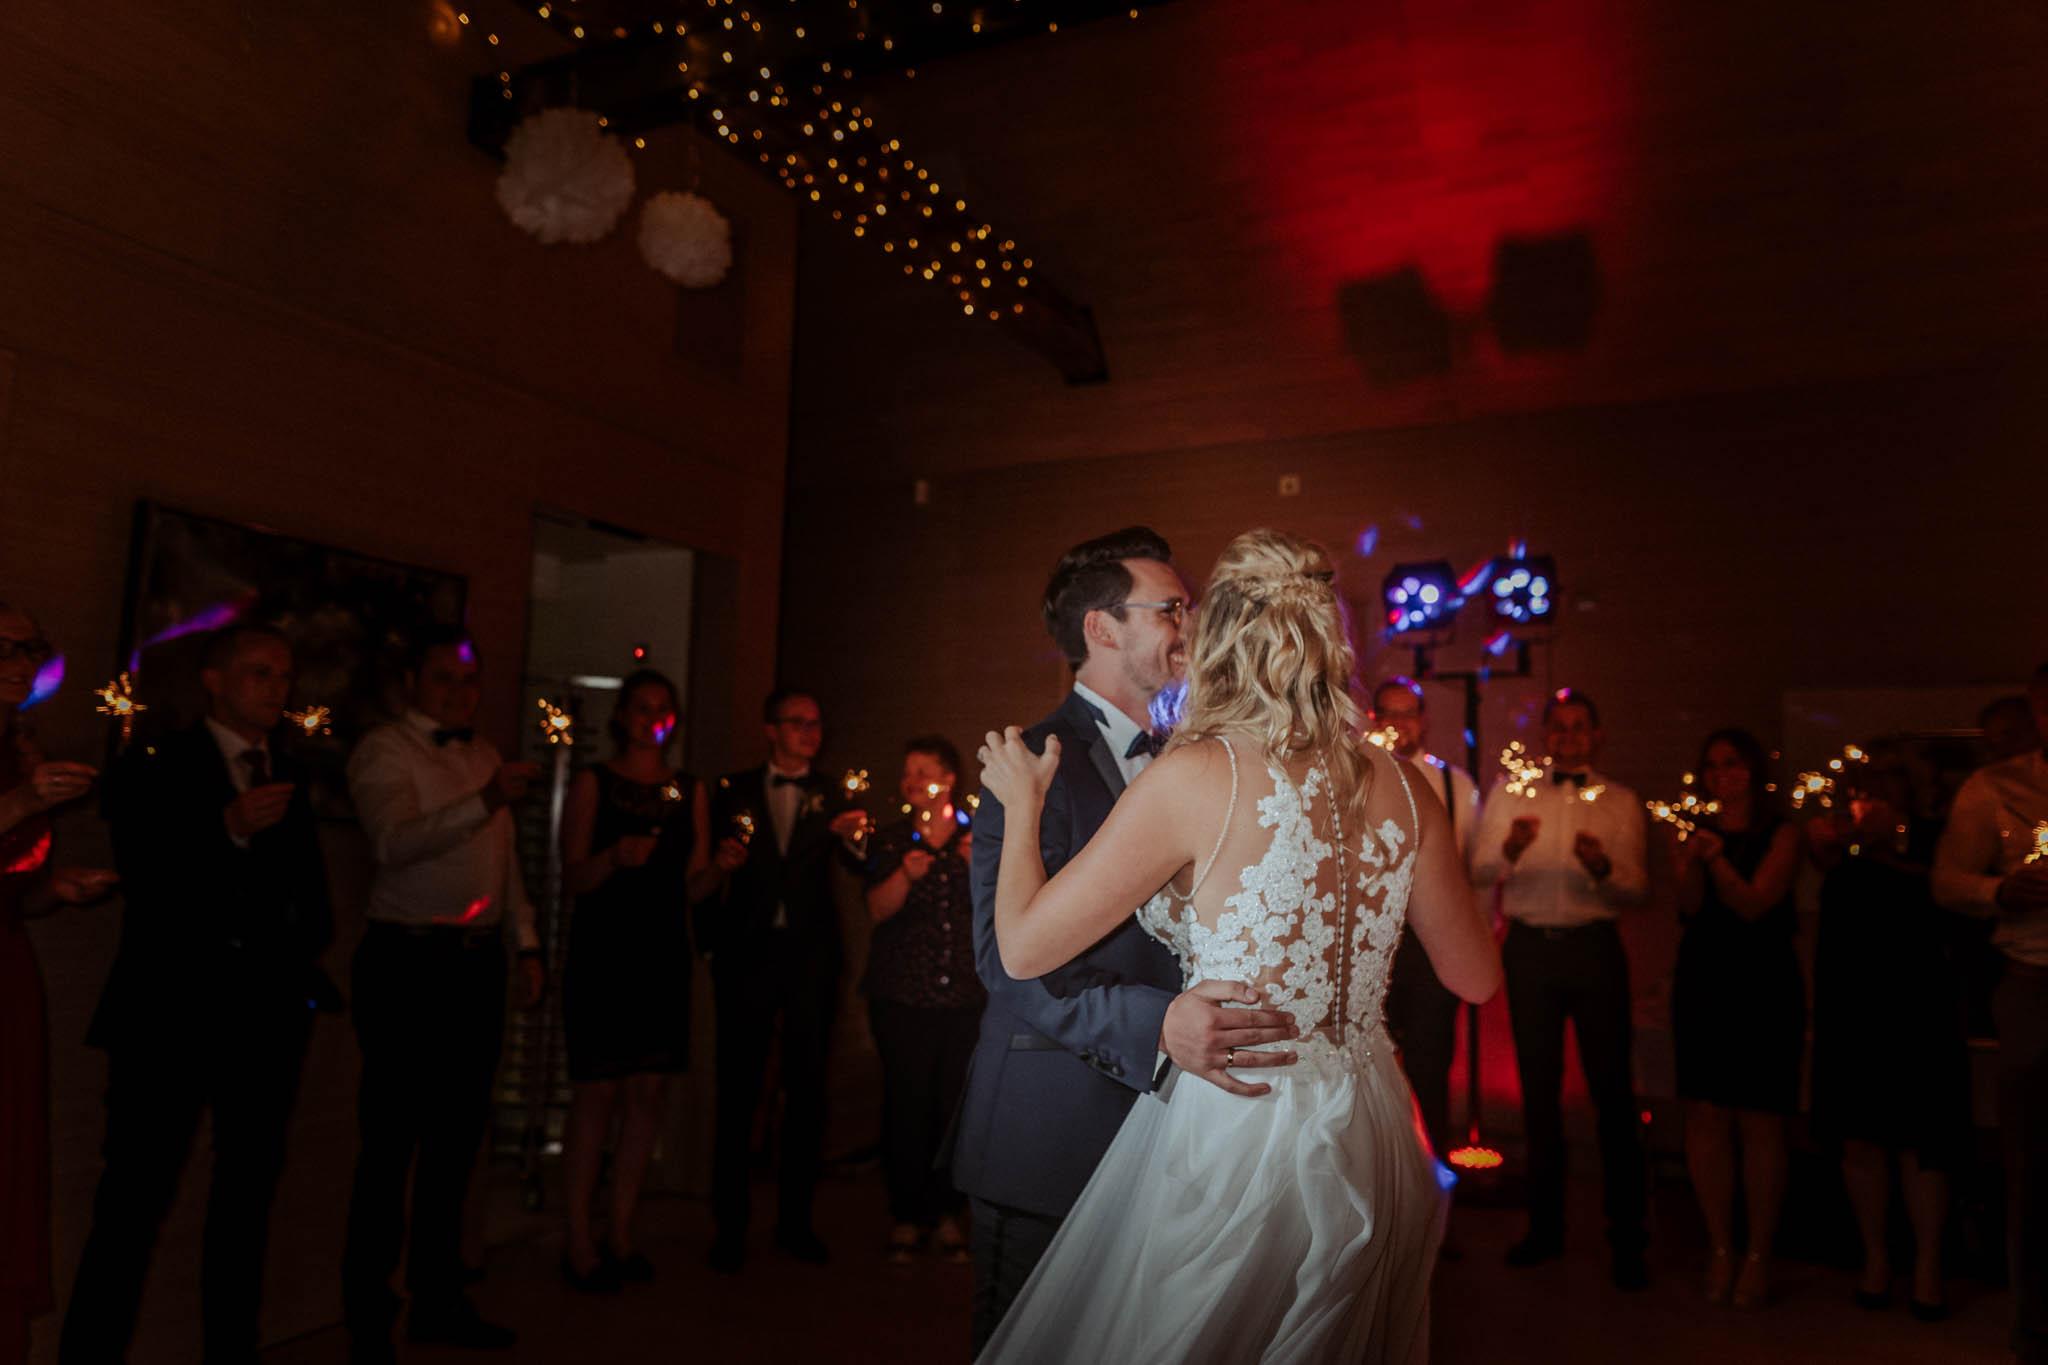 Hochzeitsfieber by Photo-Schomburg, Hochzeitsfotograf, Hamburg, Bremen, Hochzeitstag, Hochzeitspaar, Braut, Bräutigam, Bremen-Kränholm,Knoops Park-200